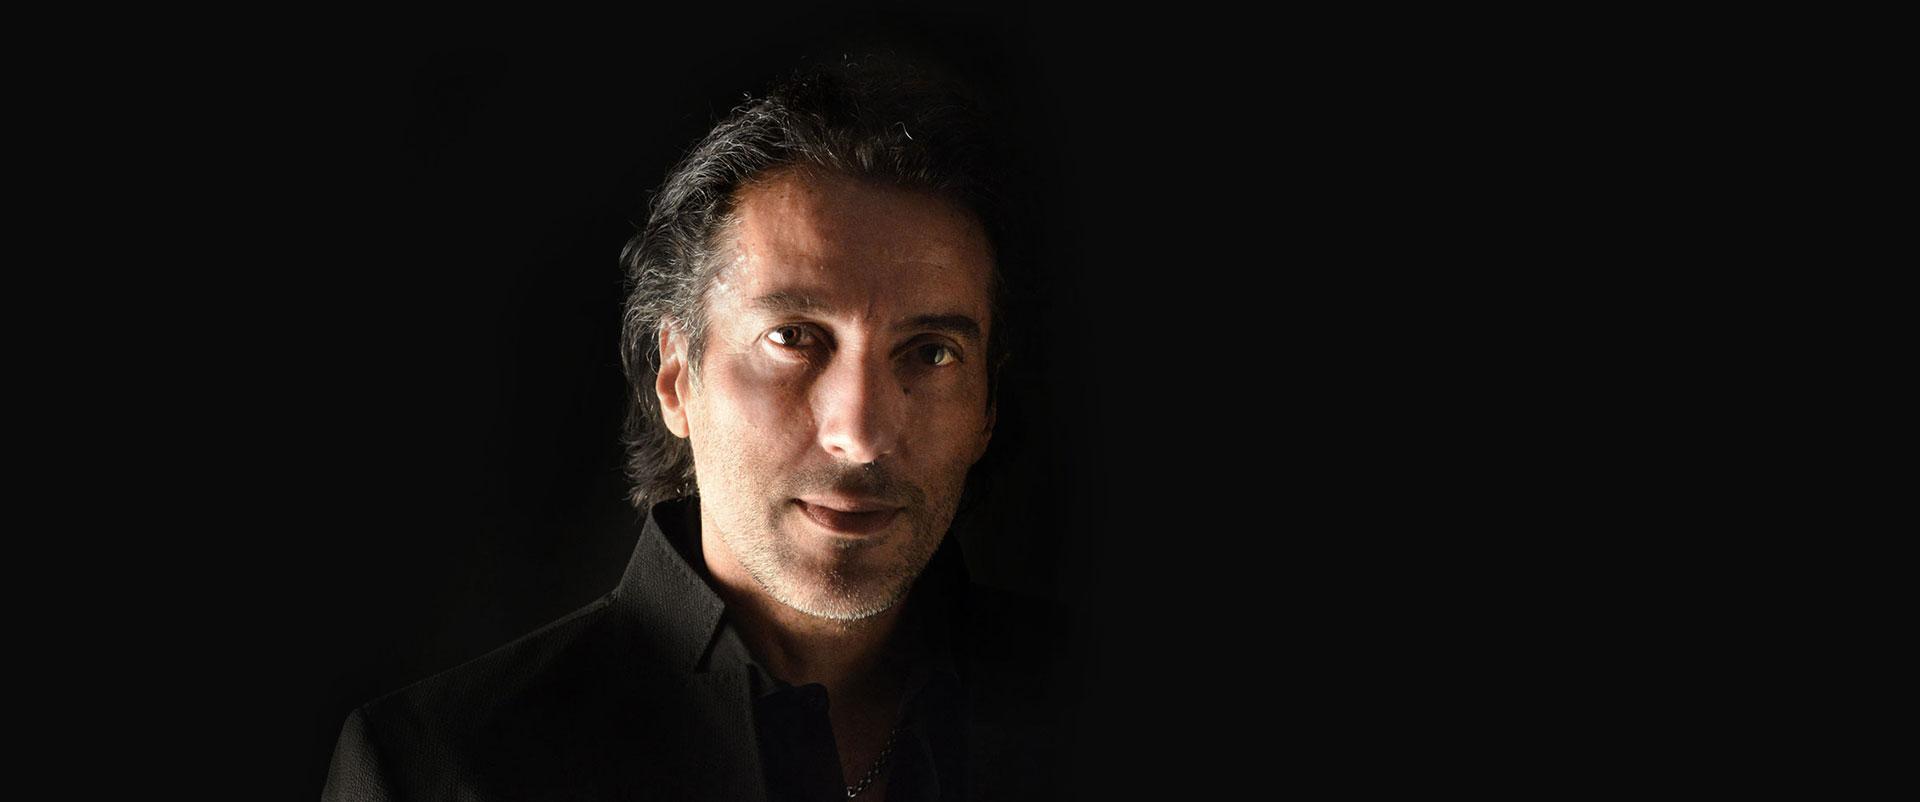 Cornelio Pellicioli, l'autore del progetto